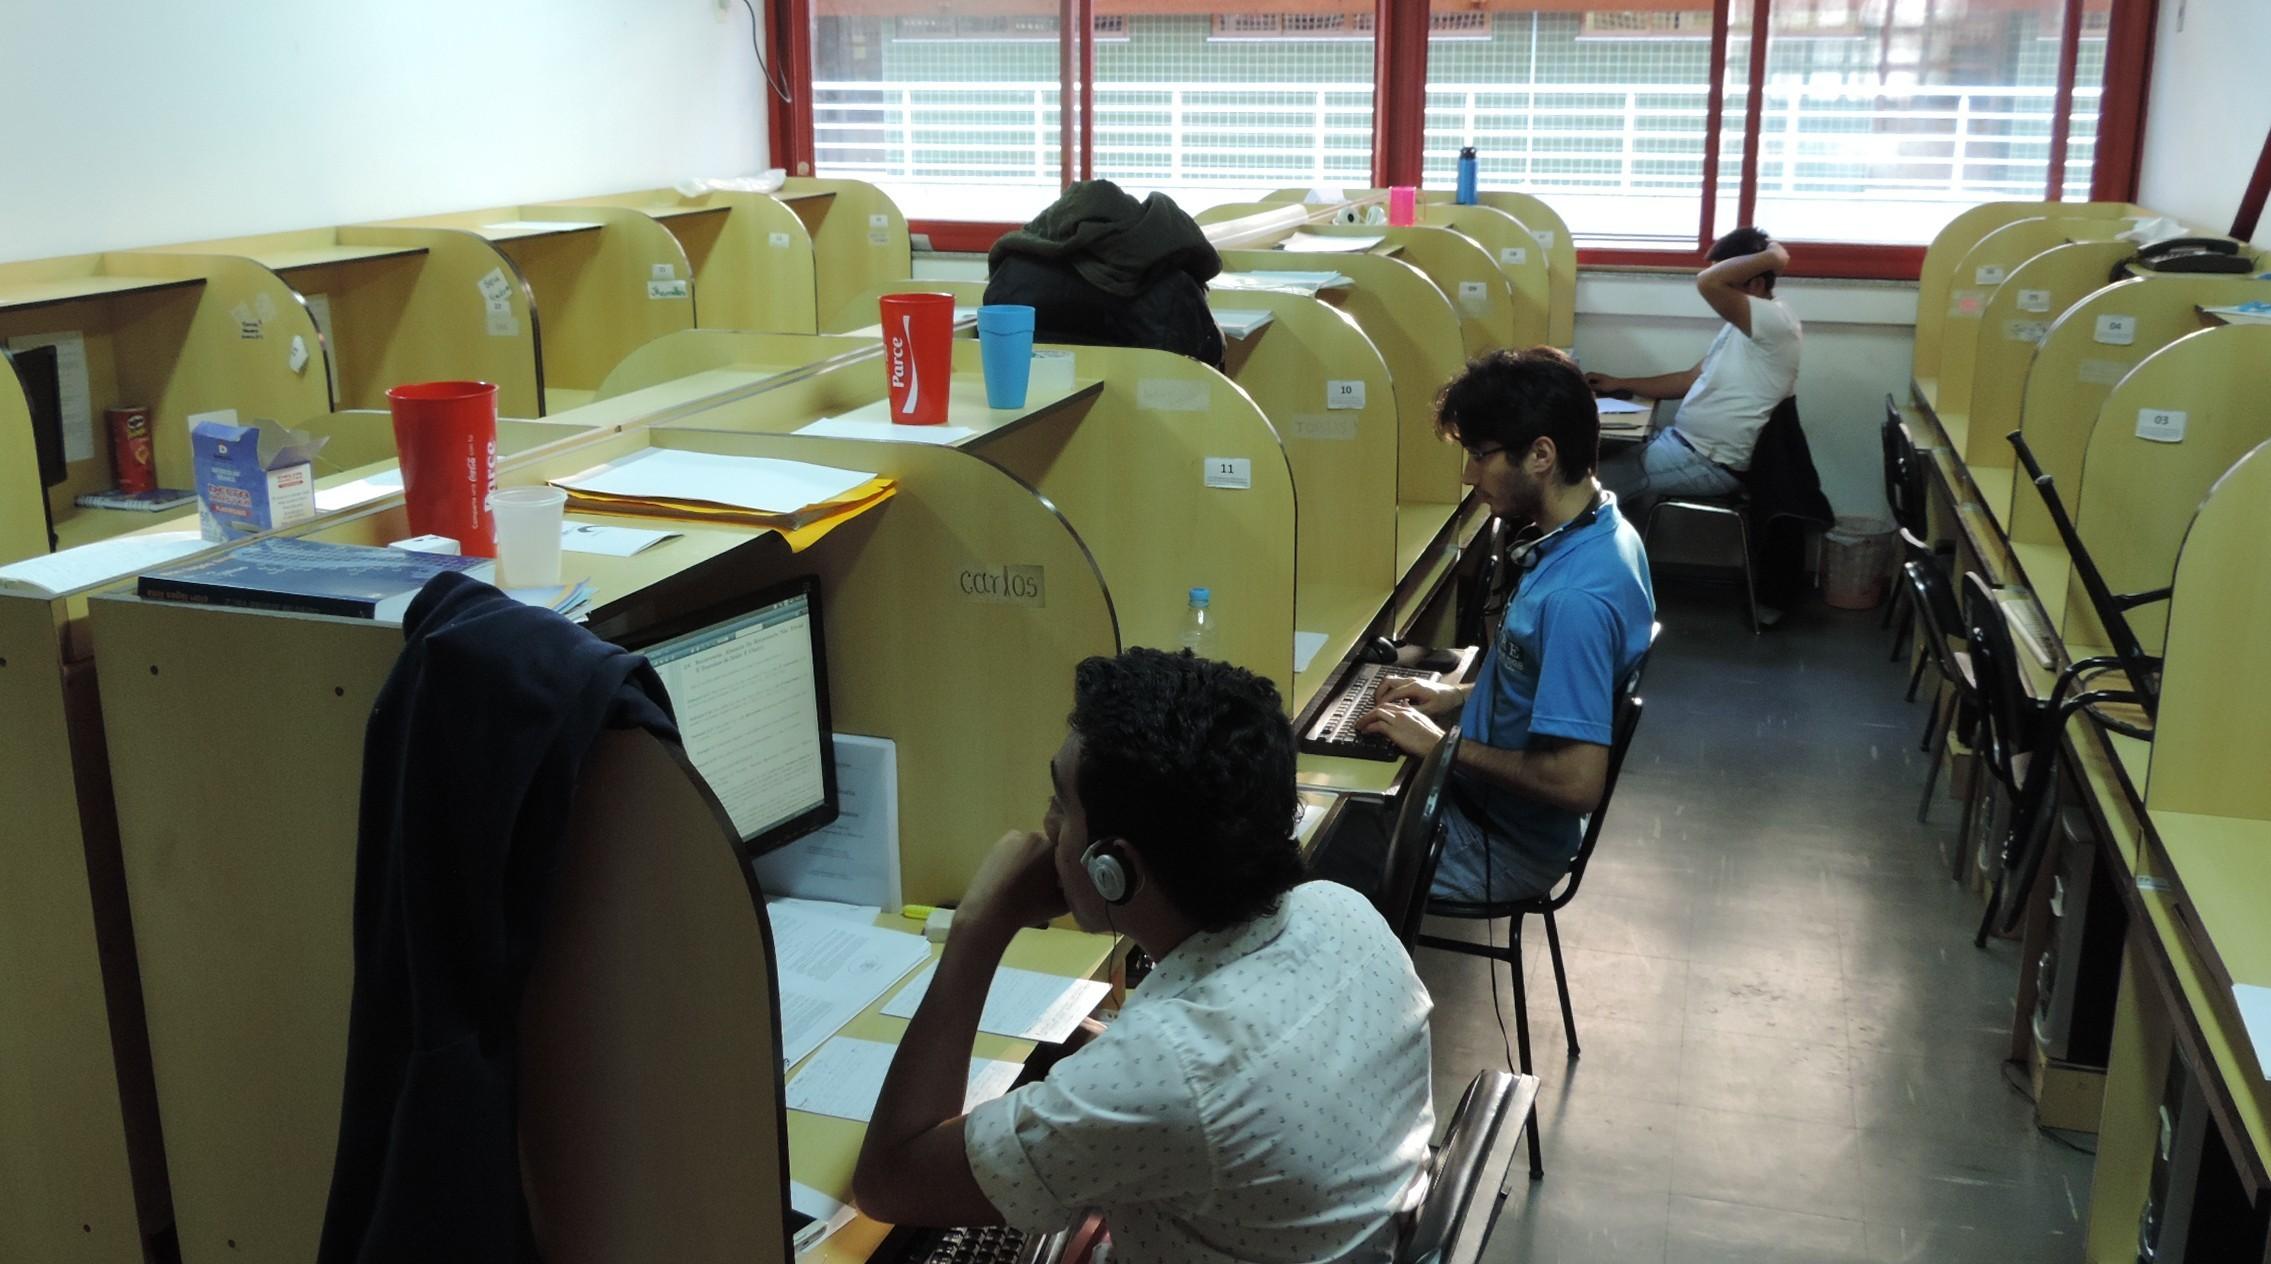 Sala de estudos do mestrado.